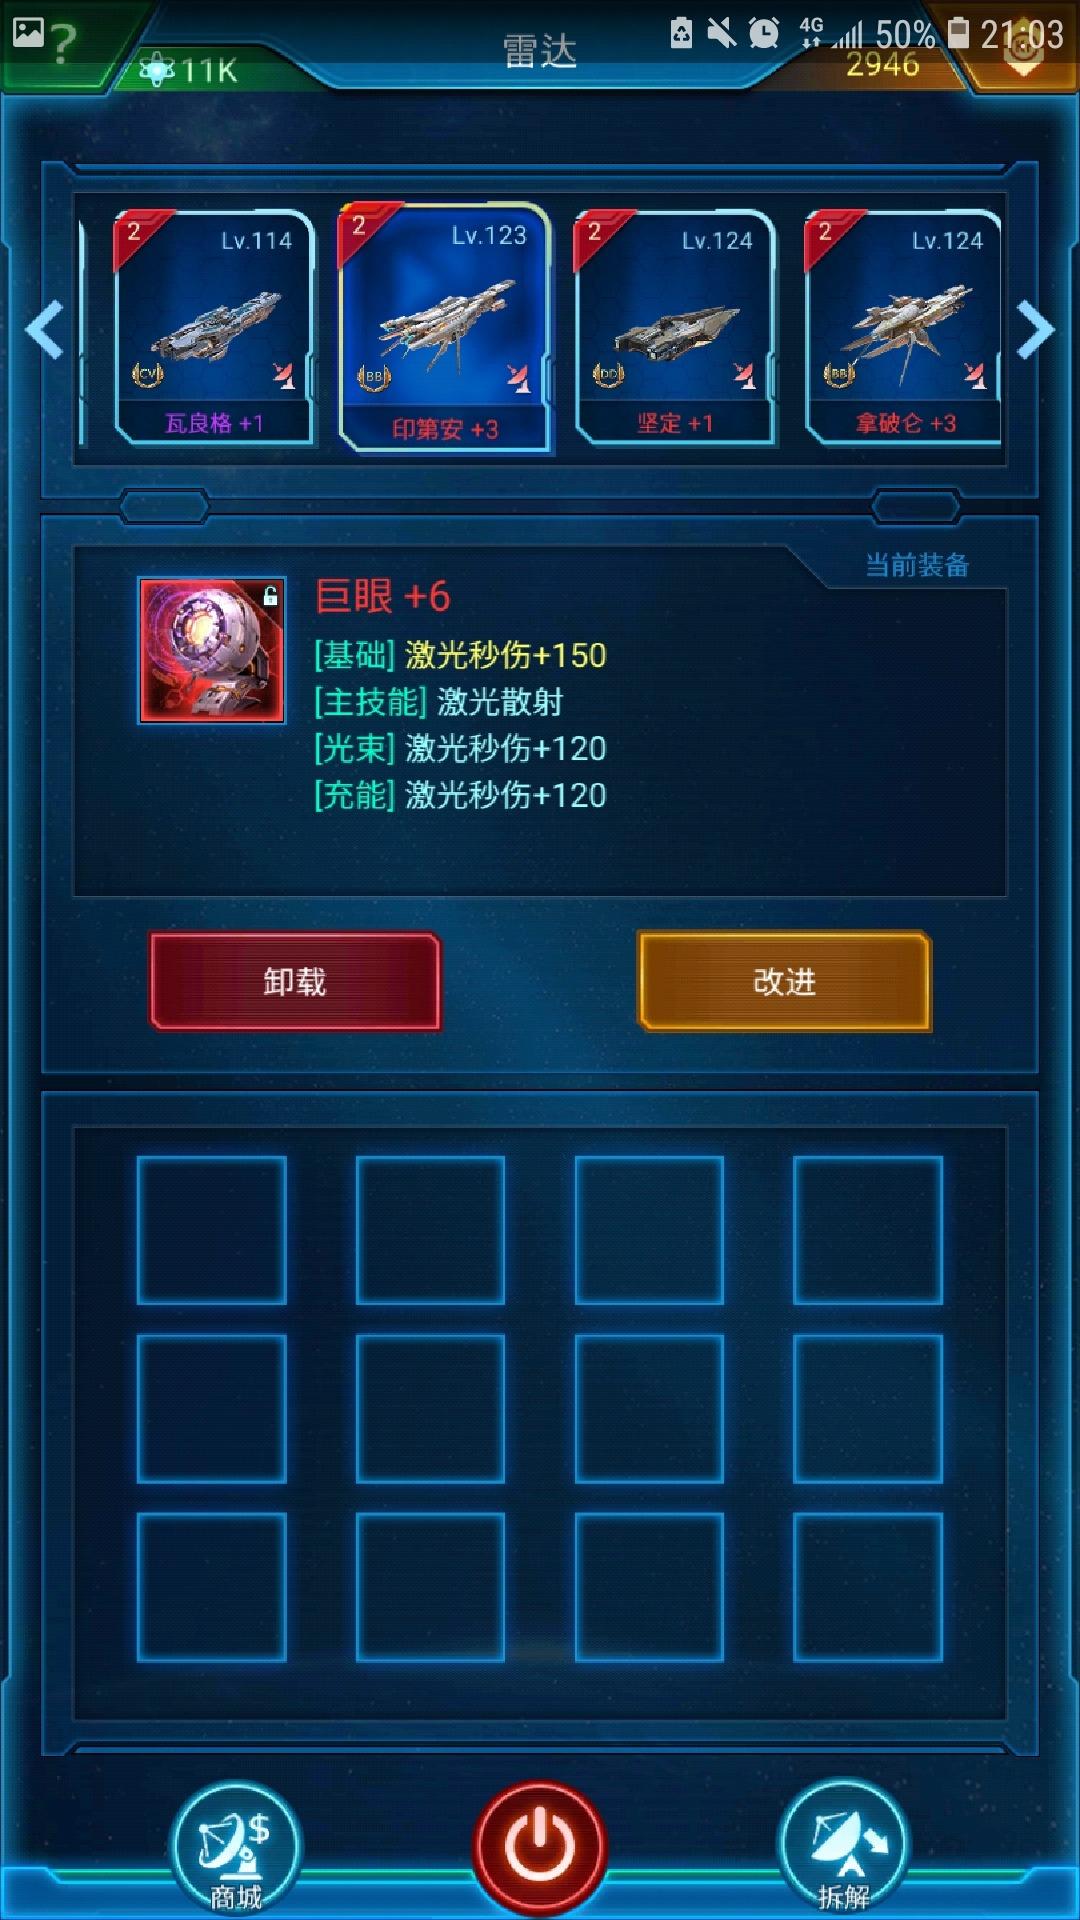 Screenshot_20190317-210342.jpg